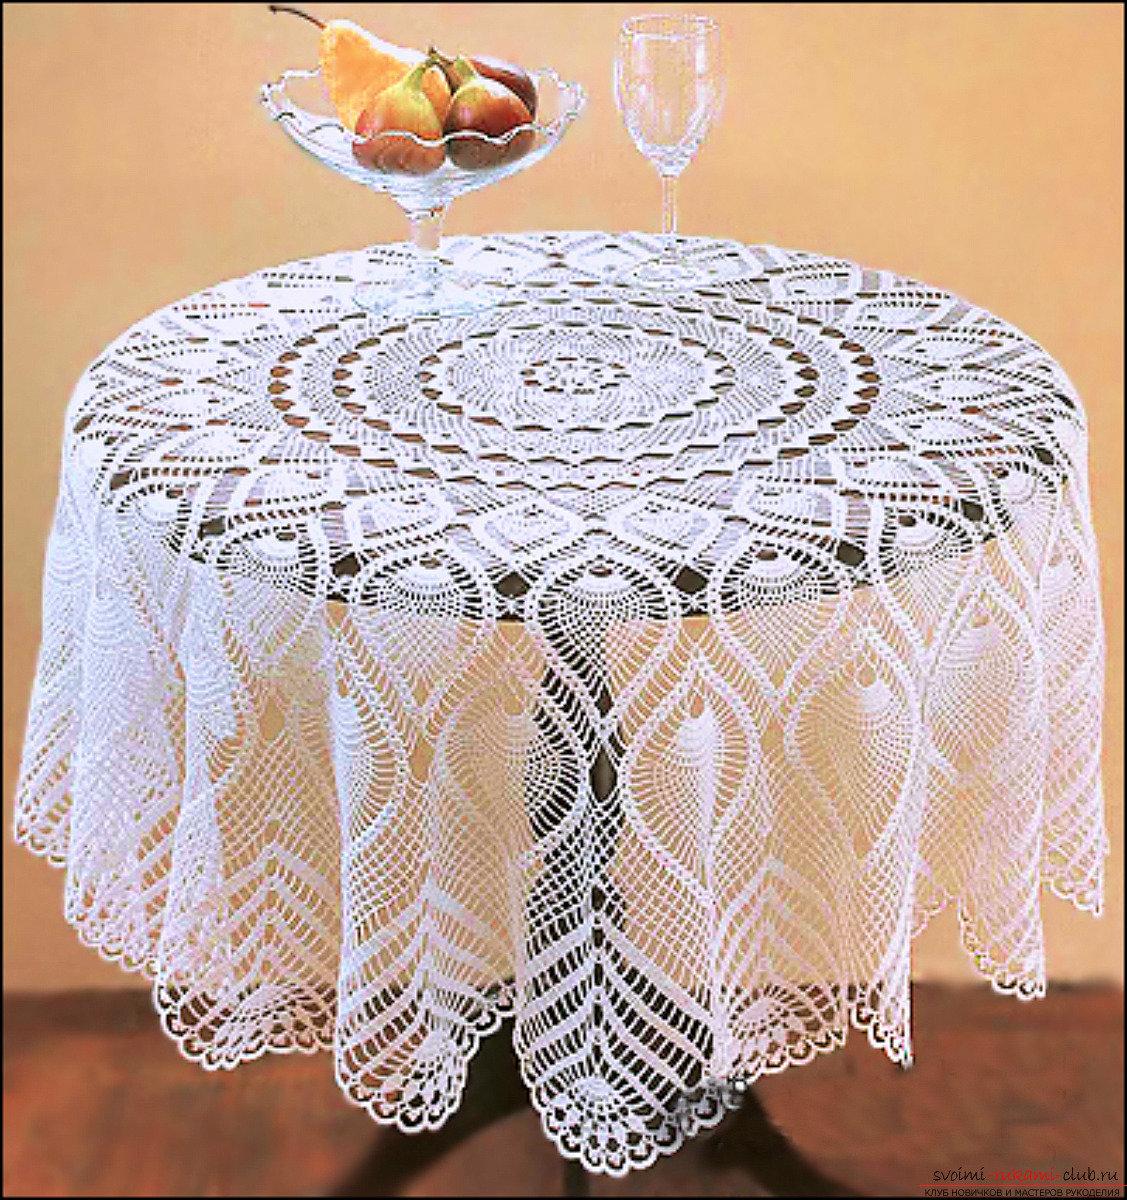 Скатерть на круглый стол своими руками фото фото 55